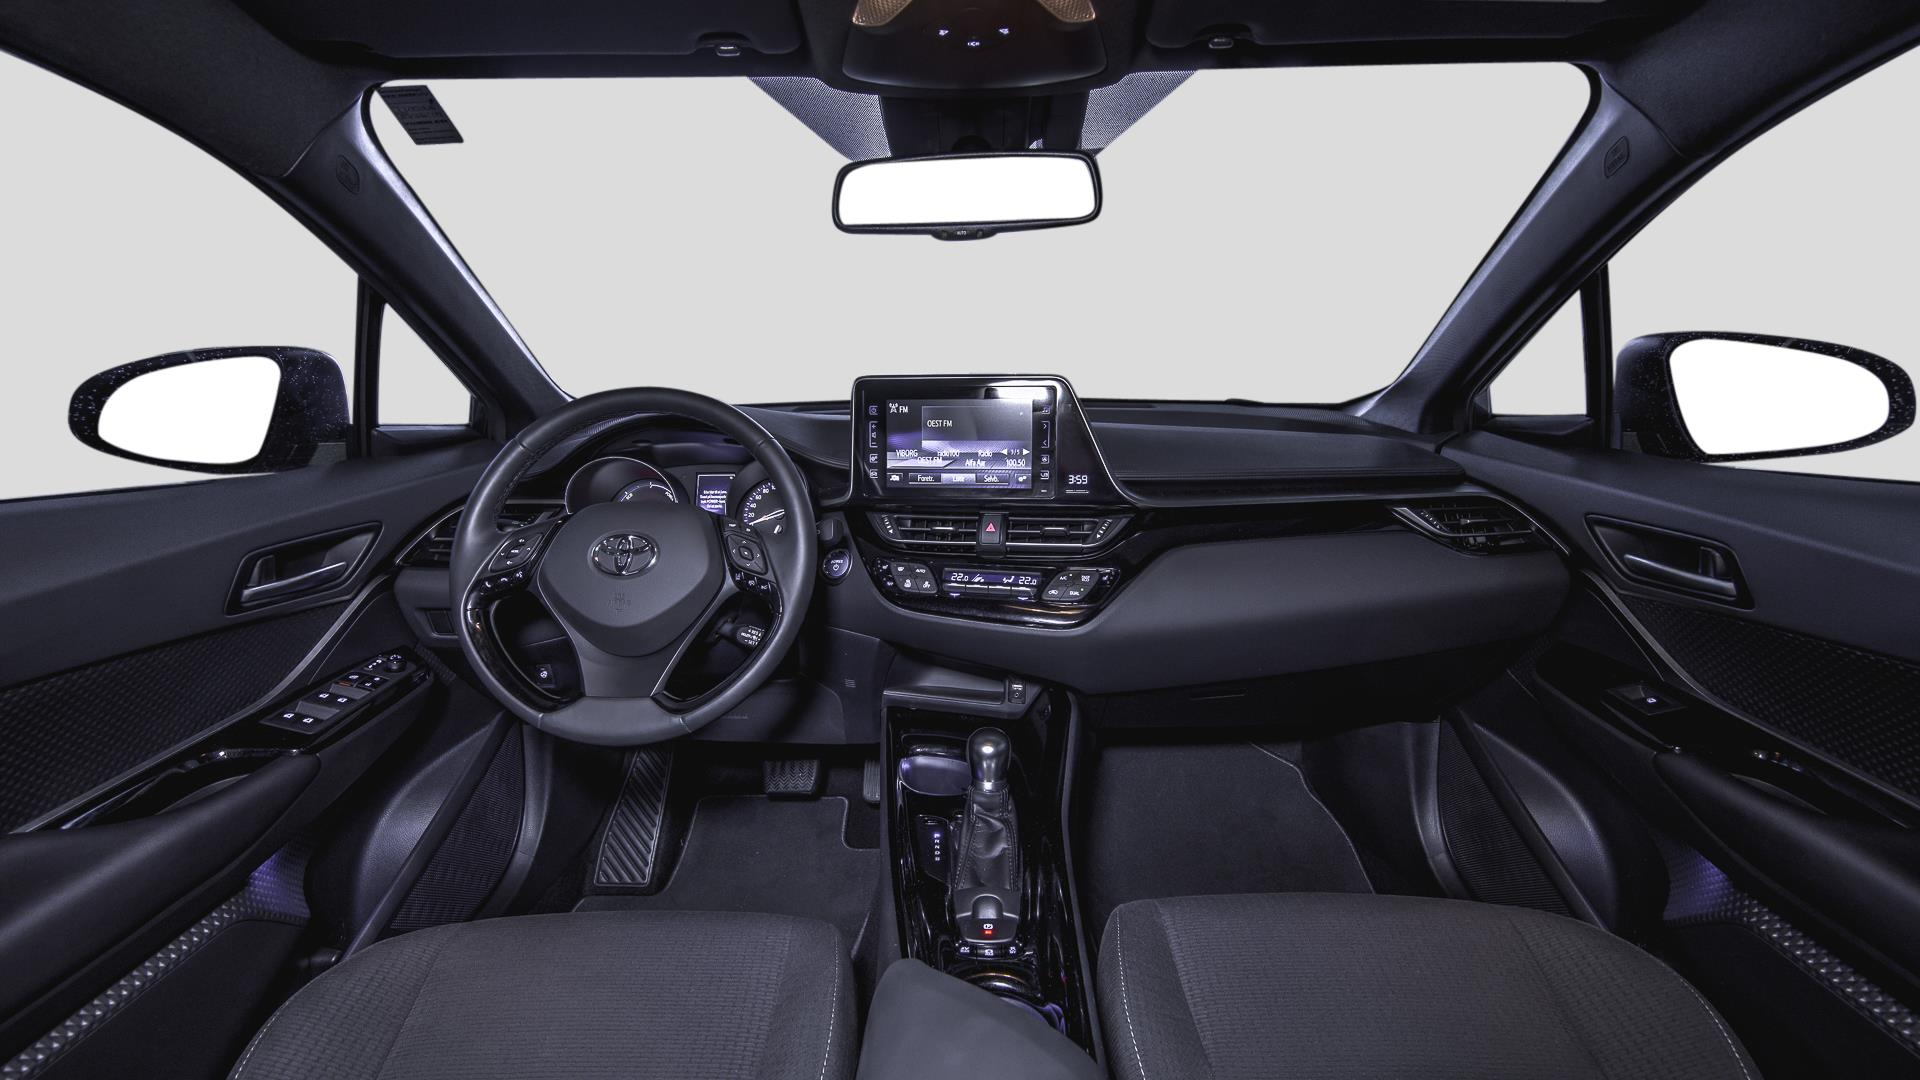 Billede af Toyota C-HR 1,8 B/EL Premium Selected Multidrive S 122HK 5d Aut.